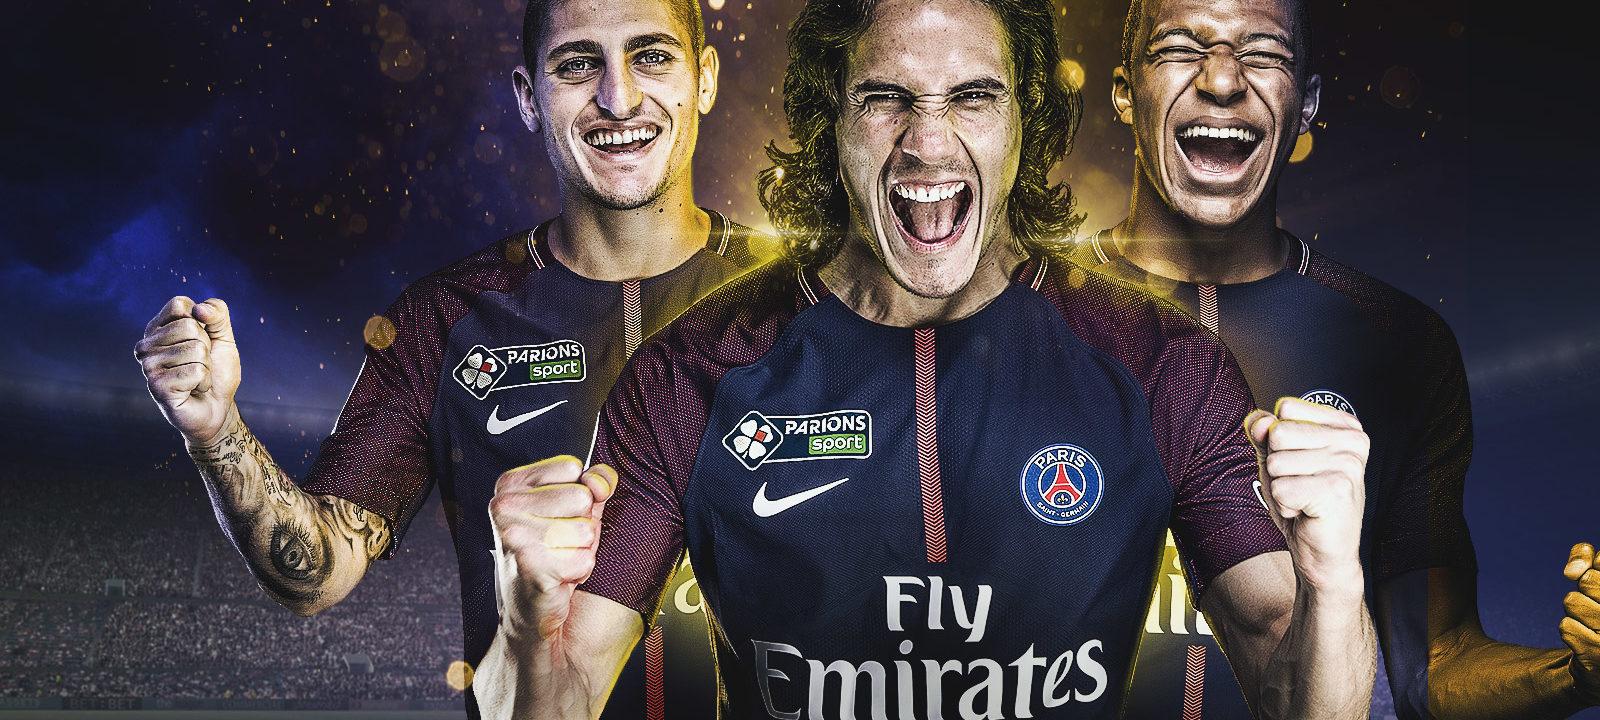 Ouverture_projet_LFP_Ligue_de_football_professionnel_Ligue_1_conforama_domino_ligue_2_Coupe_de_la_ligue_professional_league